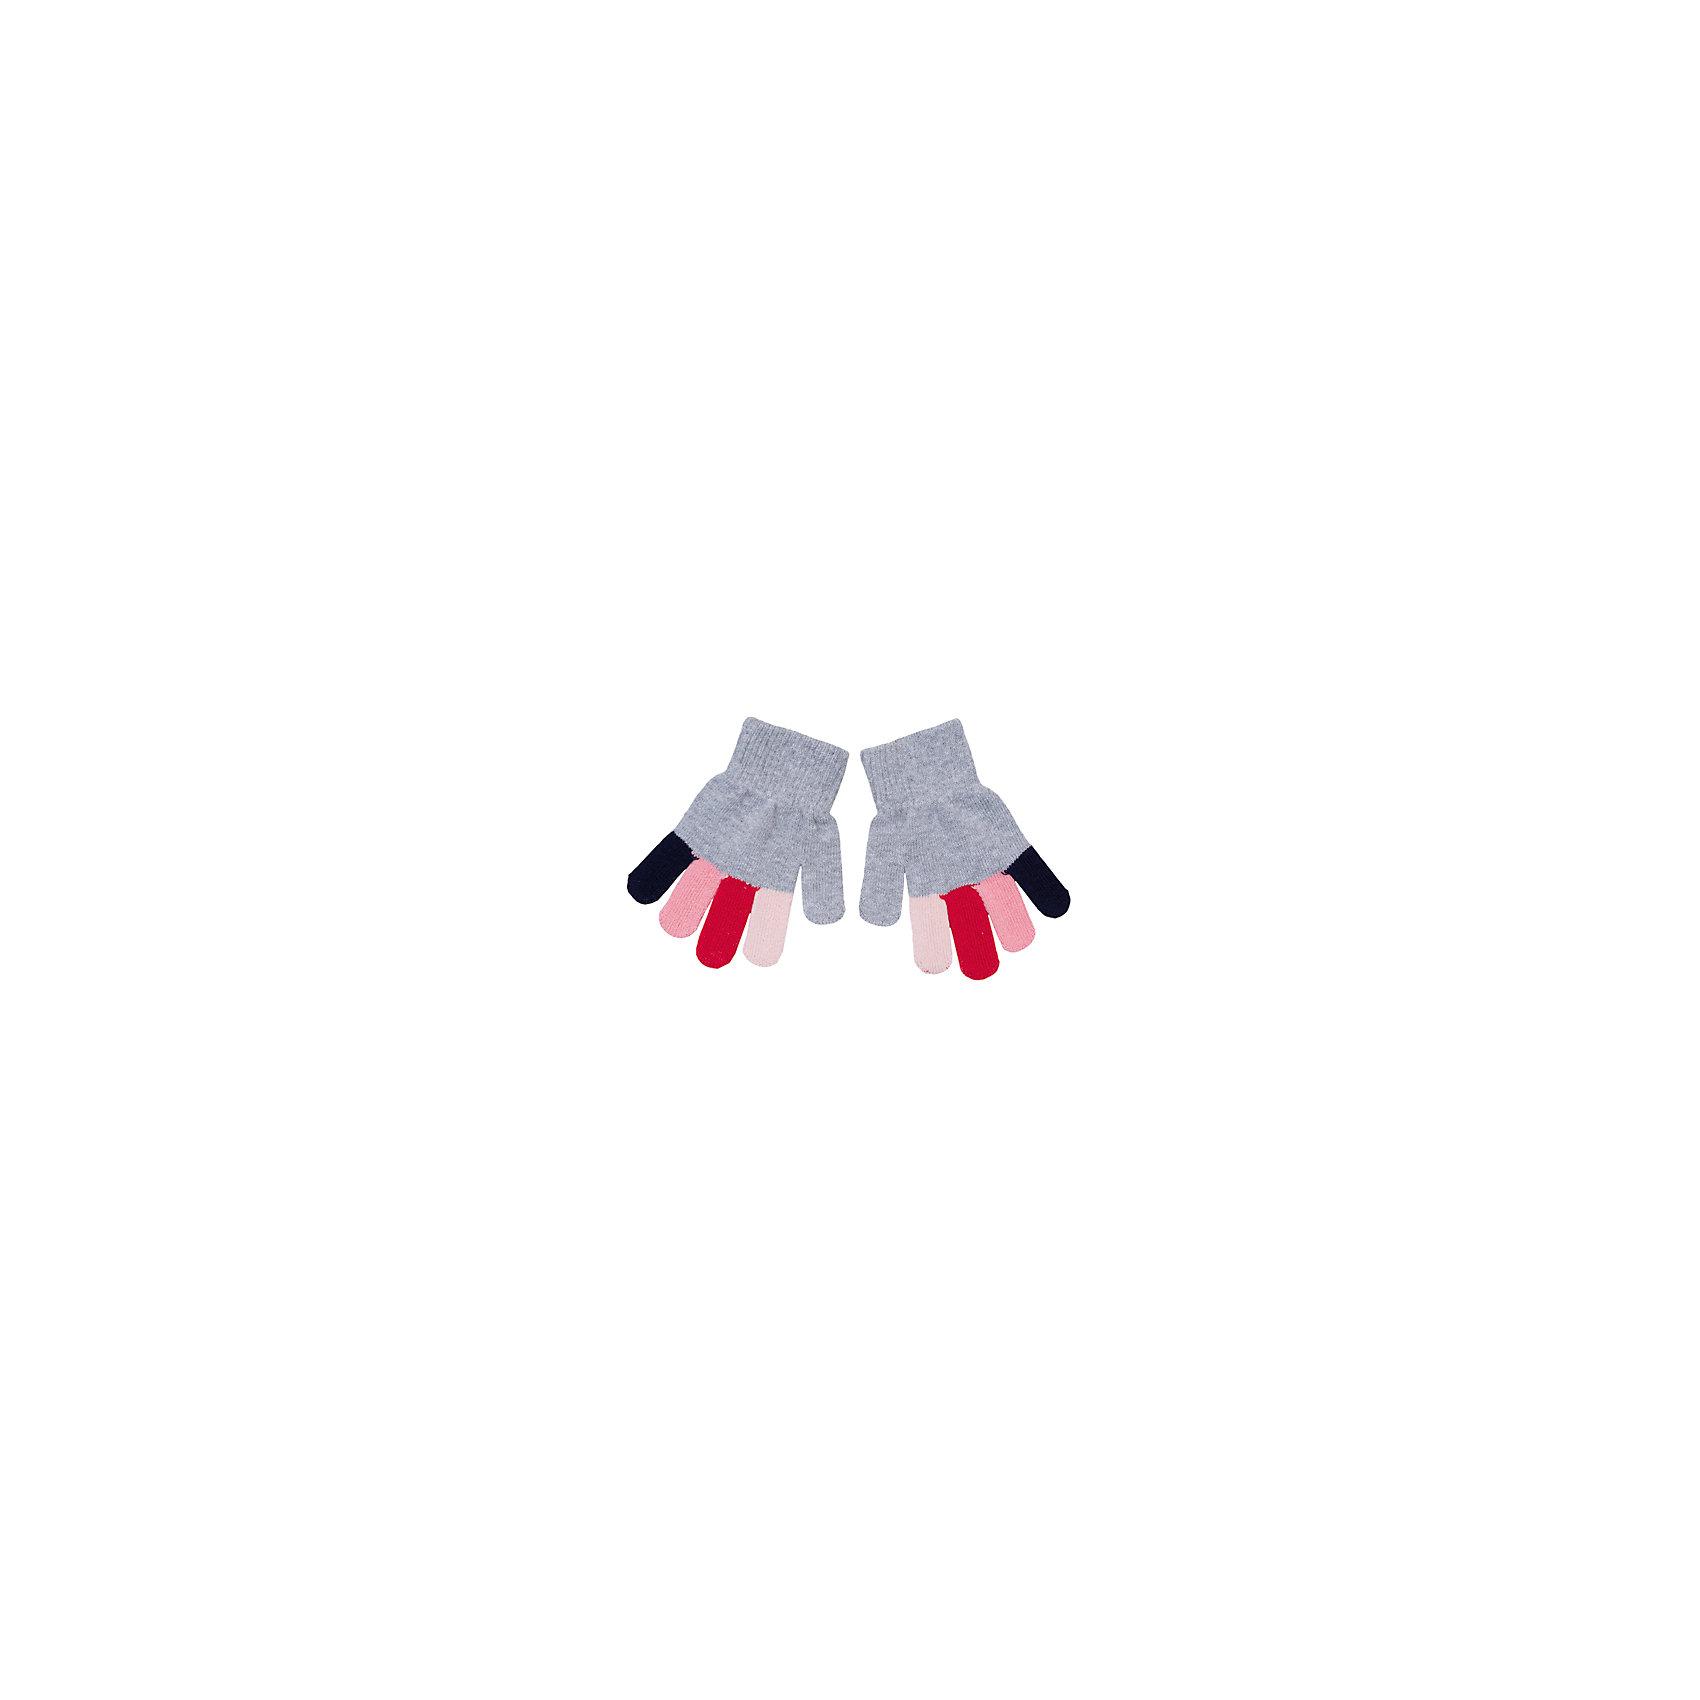 Перчатки для девочки PlayTodayПерчатки, варежки<br>Перчатки для девочки от известного бренда PlayToday.<br>Мягкие перчатки из вязаного трикотажа. Все пальчики разных цветов, выглядит мило и забавно. Верх на широкой резинке.<br>Состав:<br>80% хлопок, 18% нейлон, 2% эластан<br><br>Ширина мм: 162<br>Глубина мм: 171<br>Высота мм: 55<br>Вес г: 119<br>Цвет: разноцветный<br>Возраст от месяцев: 72<br>Возраст до месяцев: 96<br>Пол: Женский<br>Возраст: Детский<br>Размер: 15,13,14<br>SKU: 4897312